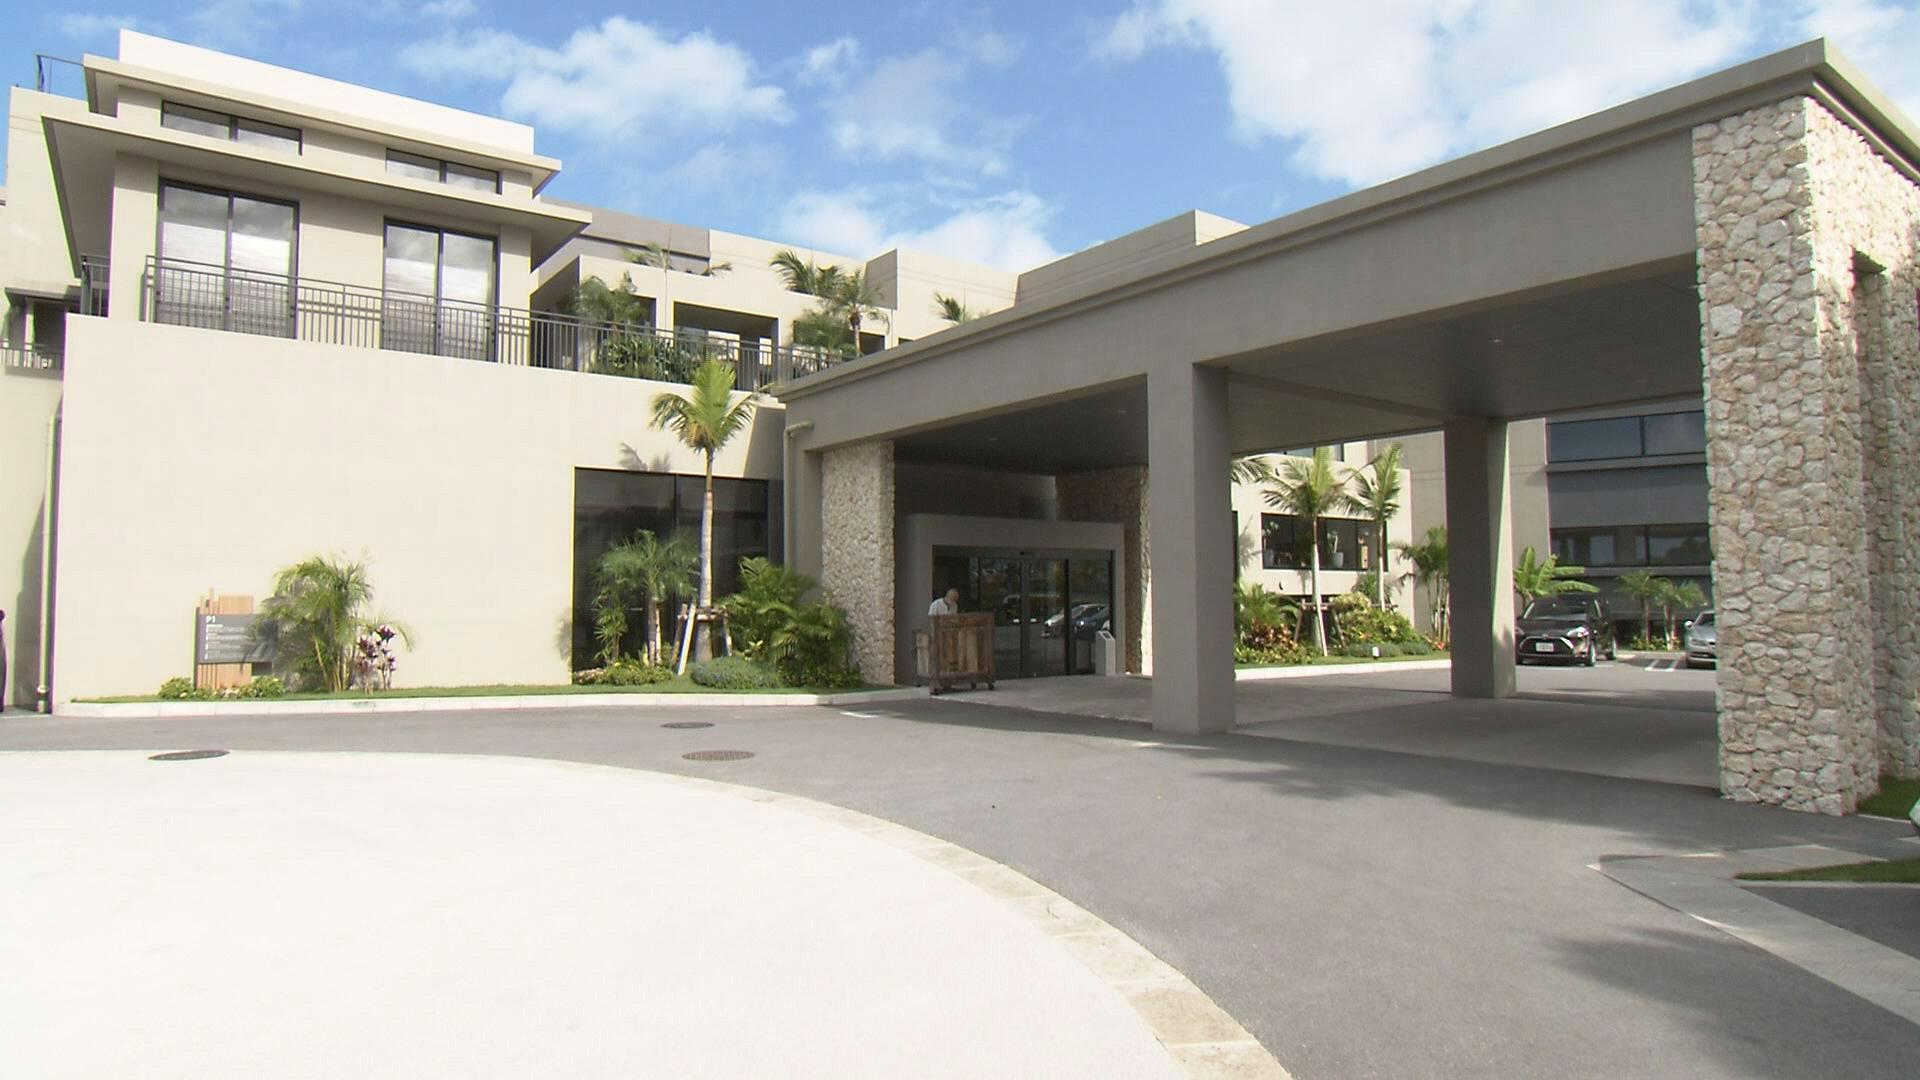 グランディスタイル 沖縄 読谷 ホテル&リゾート